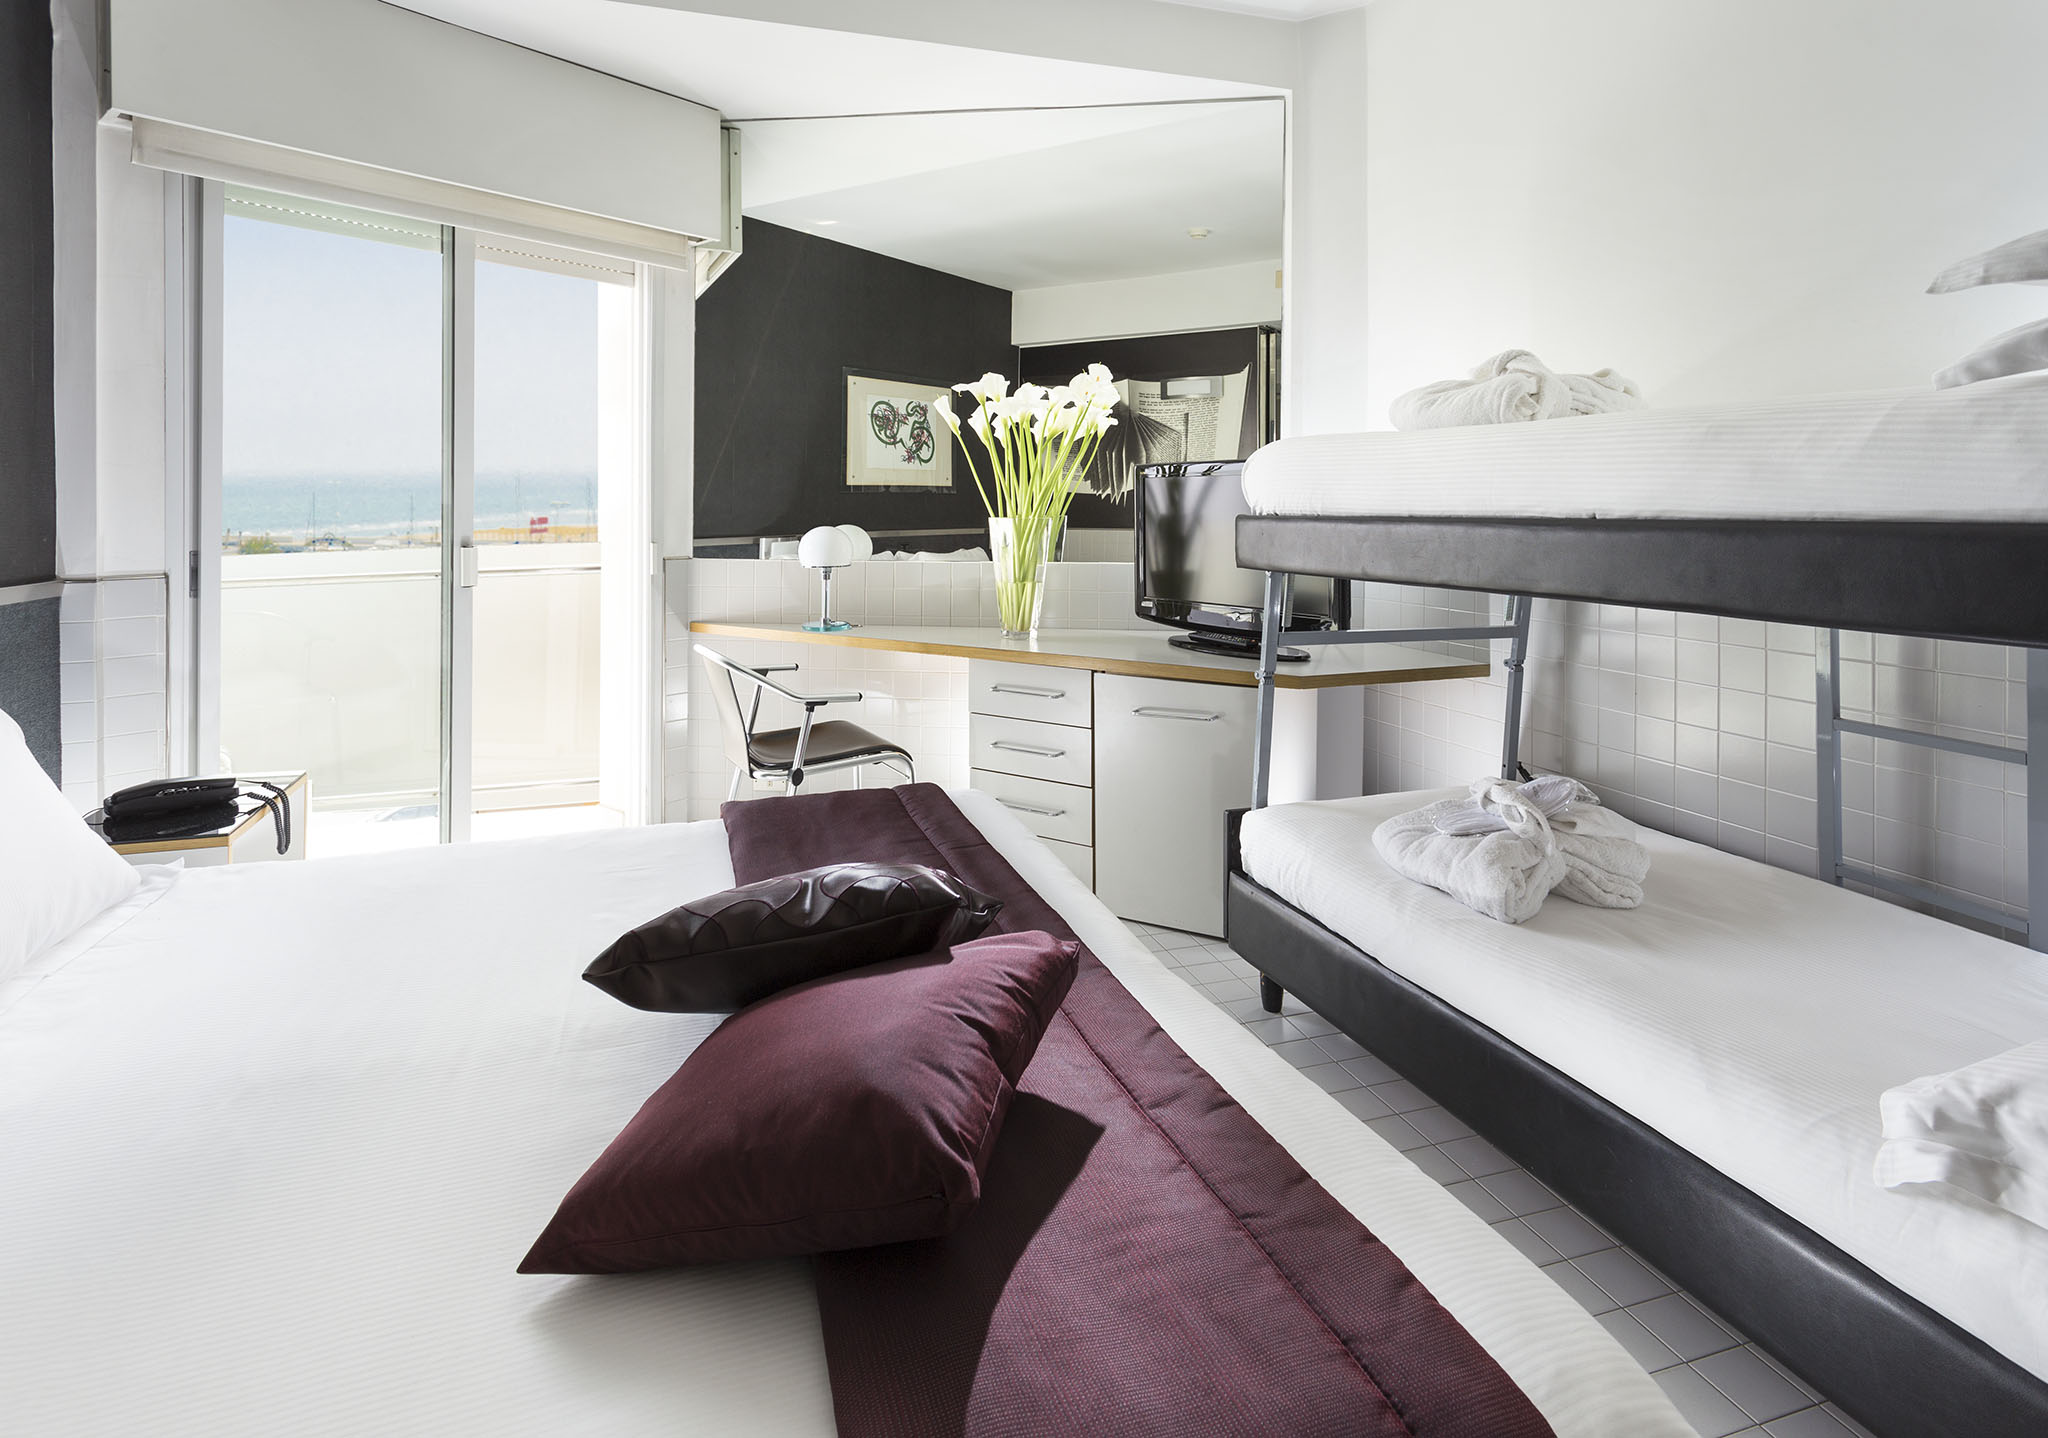 Camera standard vista mare a riccione con balconcino sul lungomare